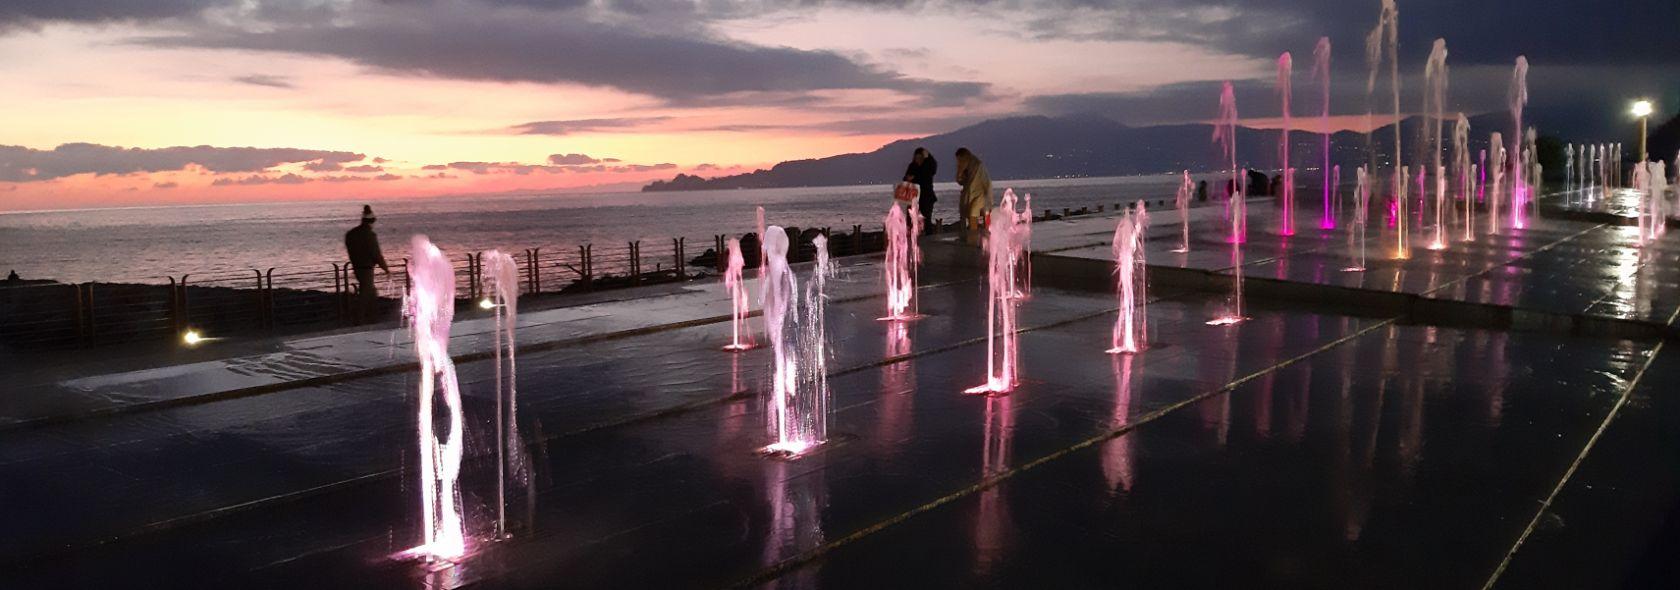 Chiavari: passeggiata a mare - Foto Ufficio Comunicazione Città Metropolitana di